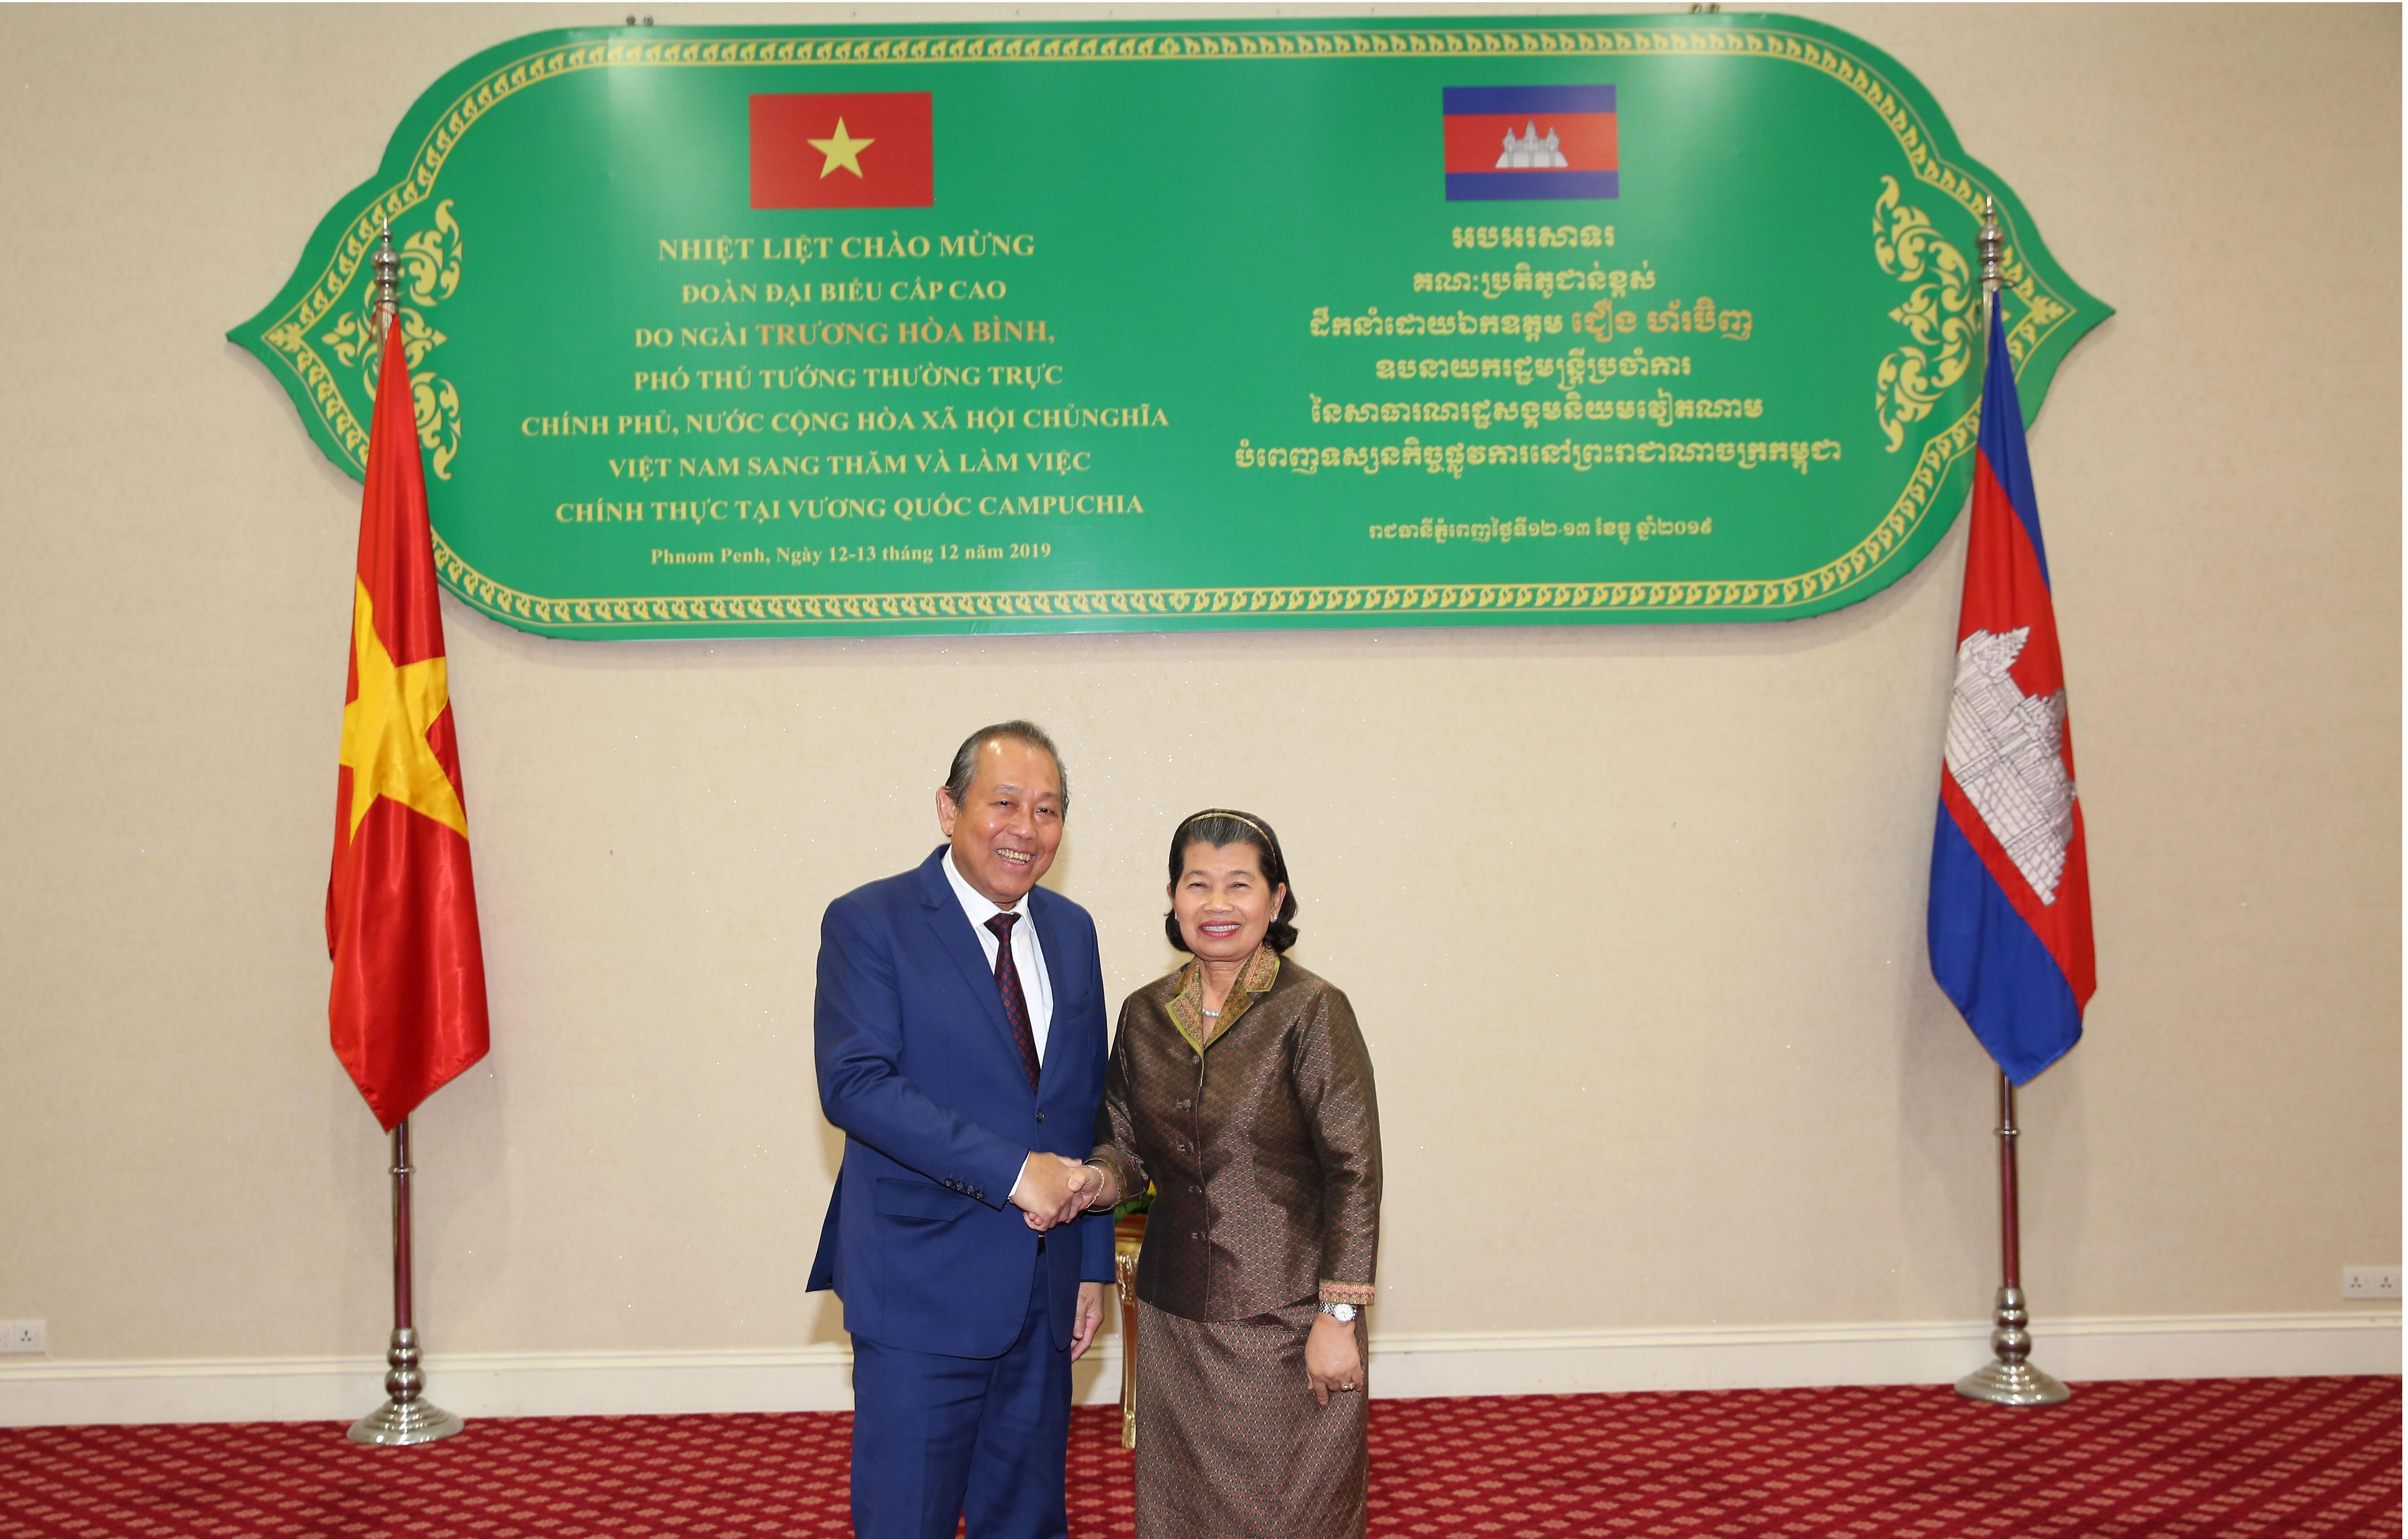 Phó Thủ tướng Thường trực Chính phủ Trương Hòa Bình thăm Vương quốc Campuchia